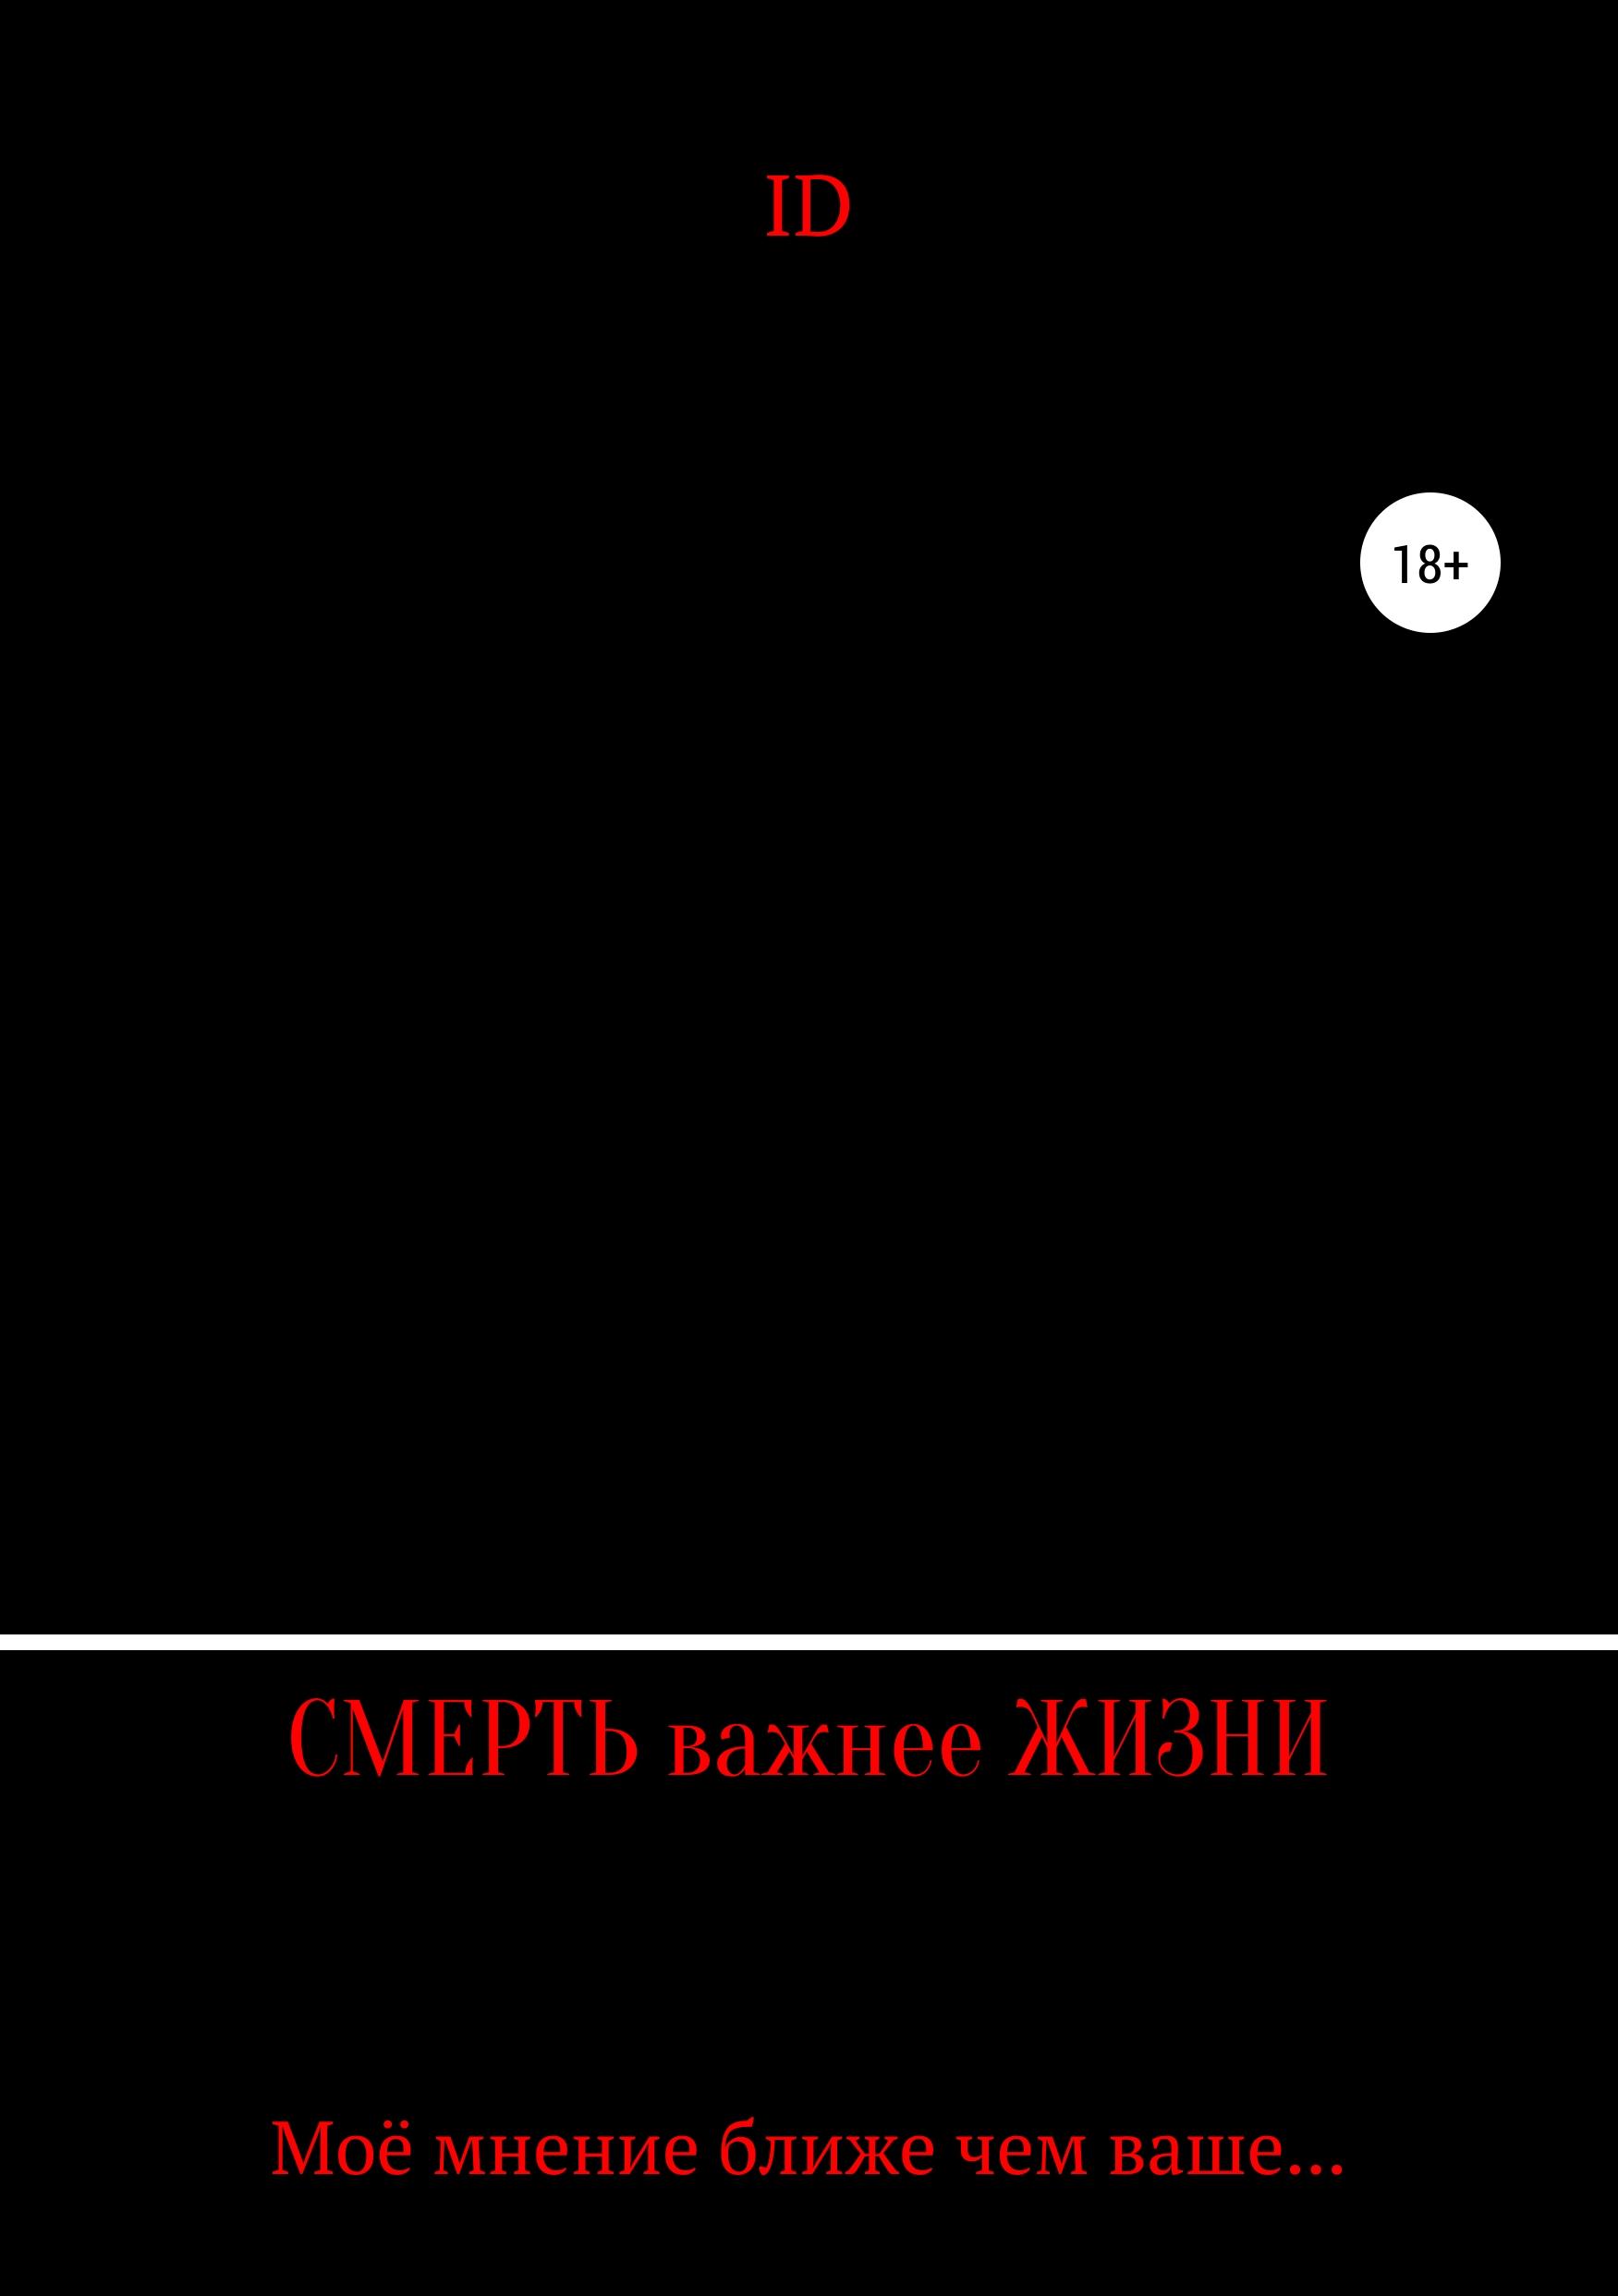 Дмитрий Владимирович ID Смерть важнее Жизни я думаю о ней